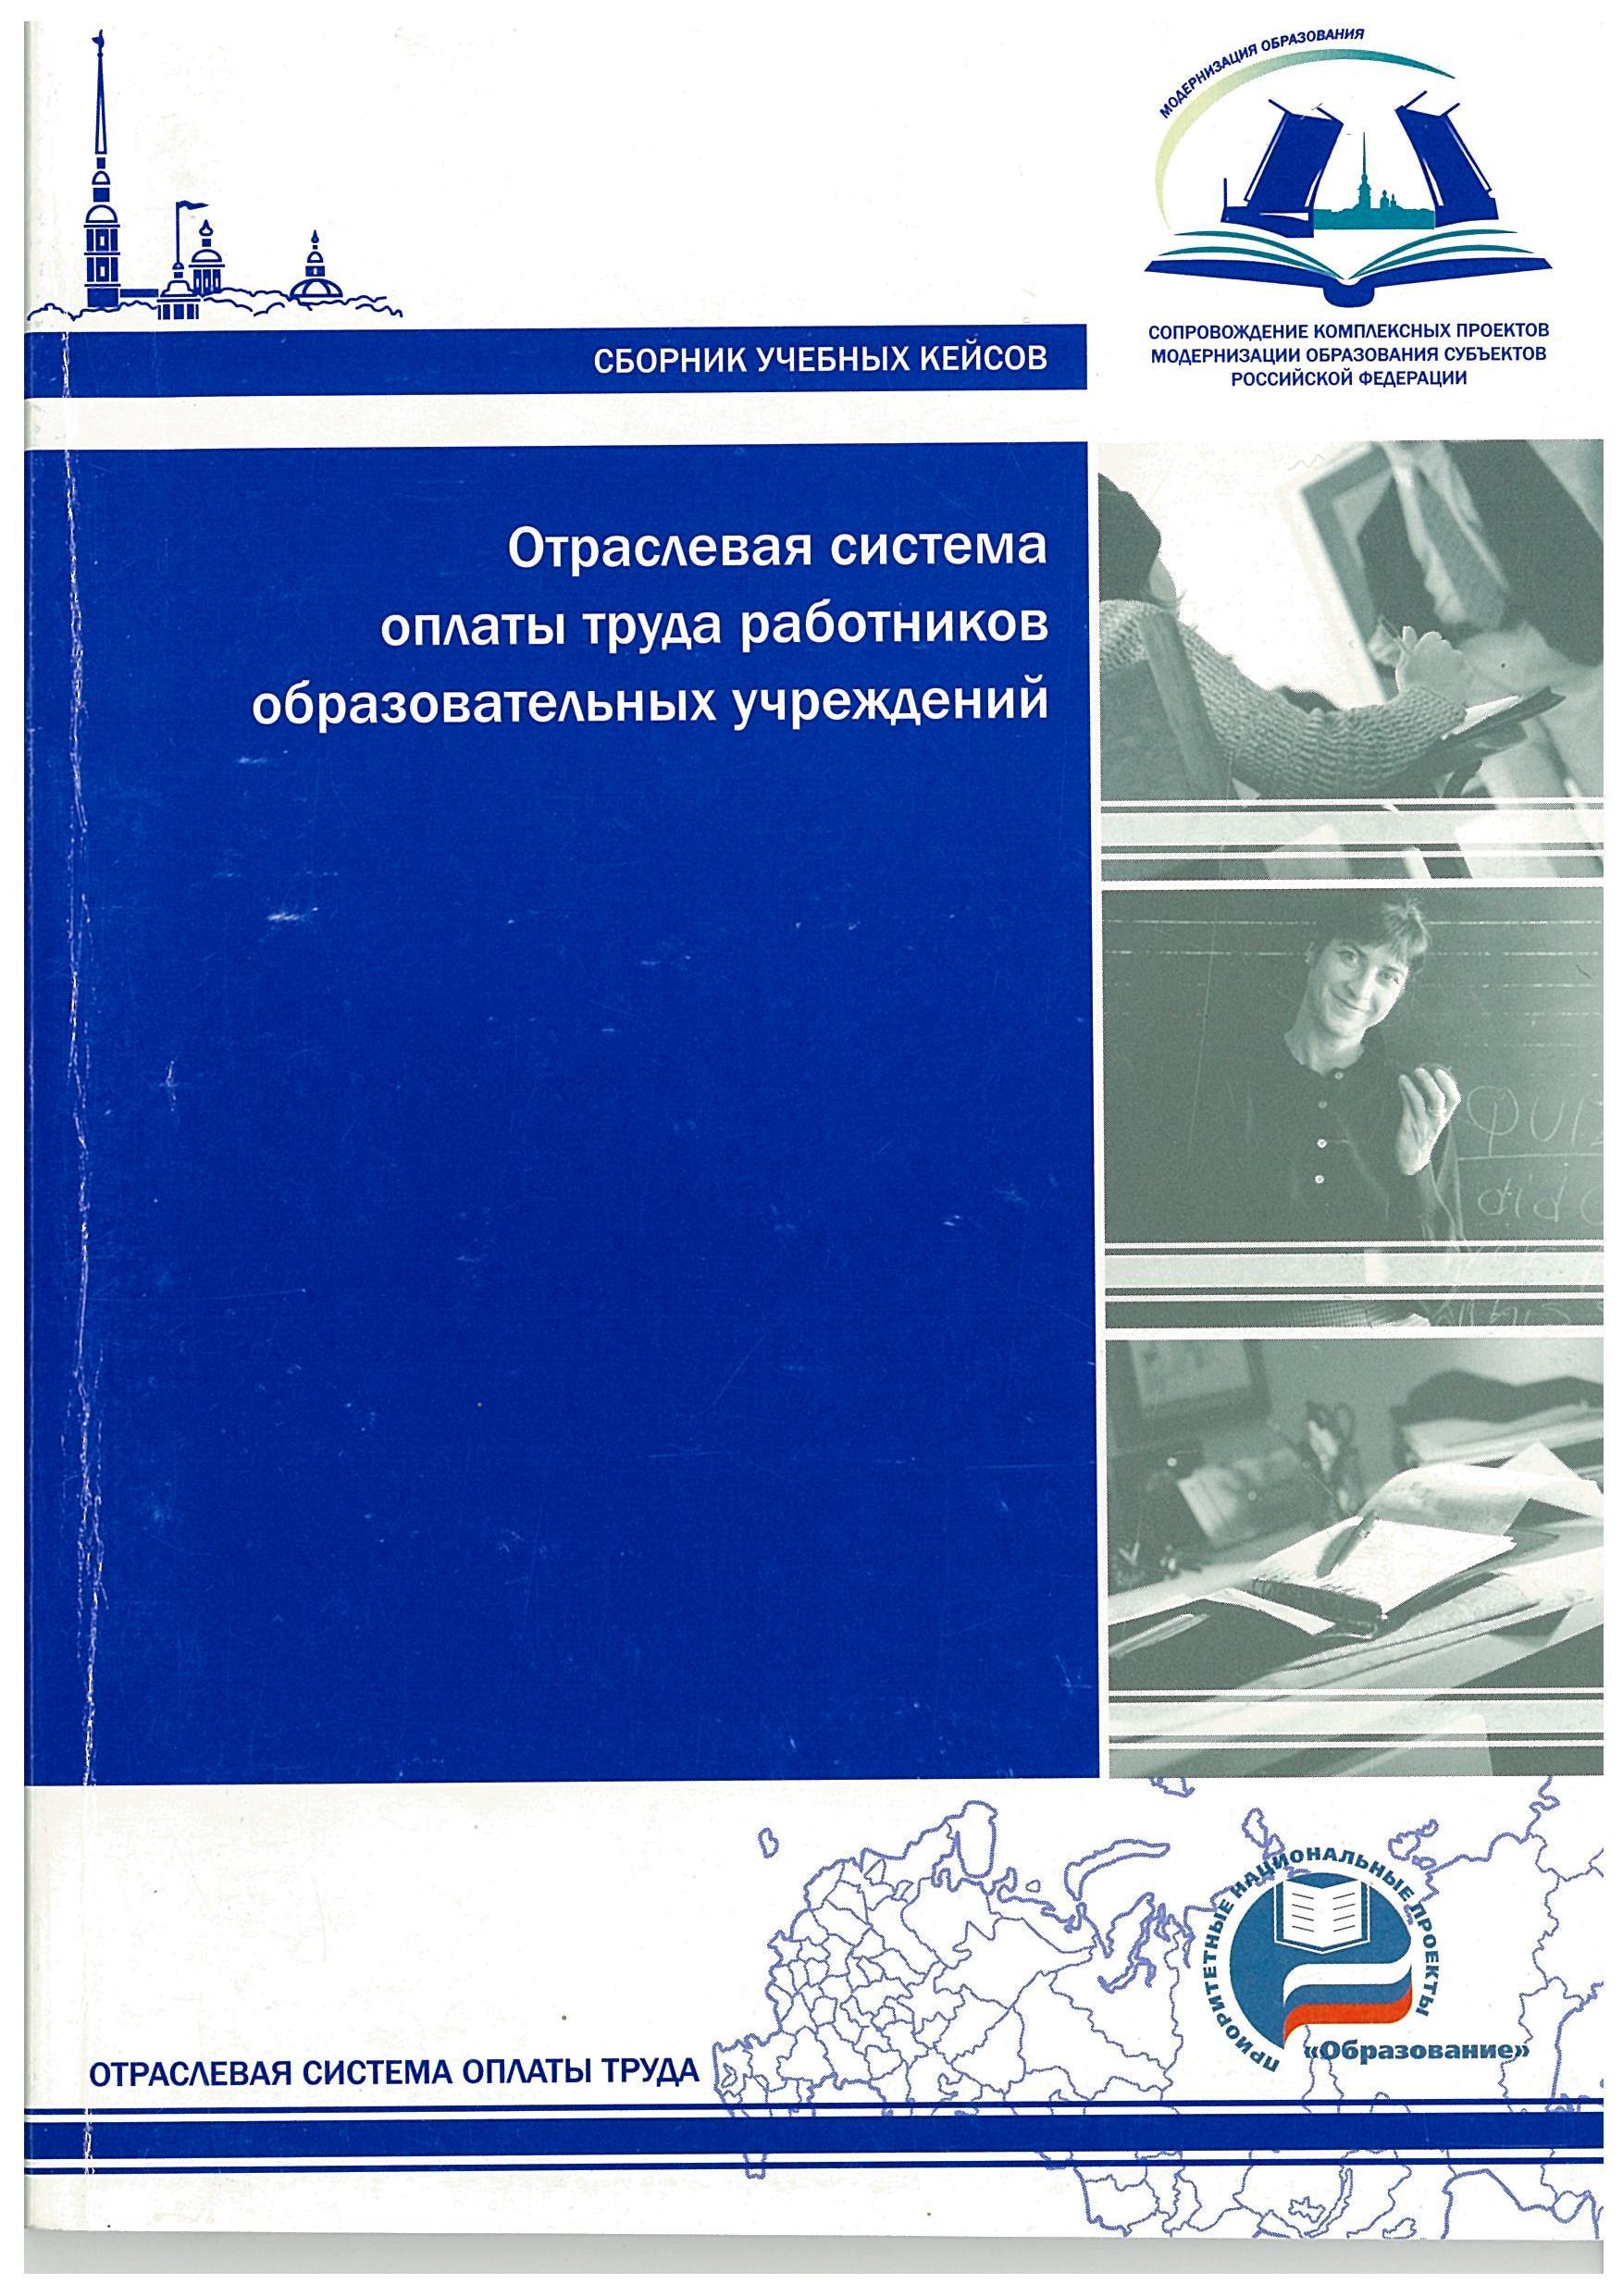 Отраслевая система оплаты труда работников образовательных учреждений. Сборник учебных кейсов